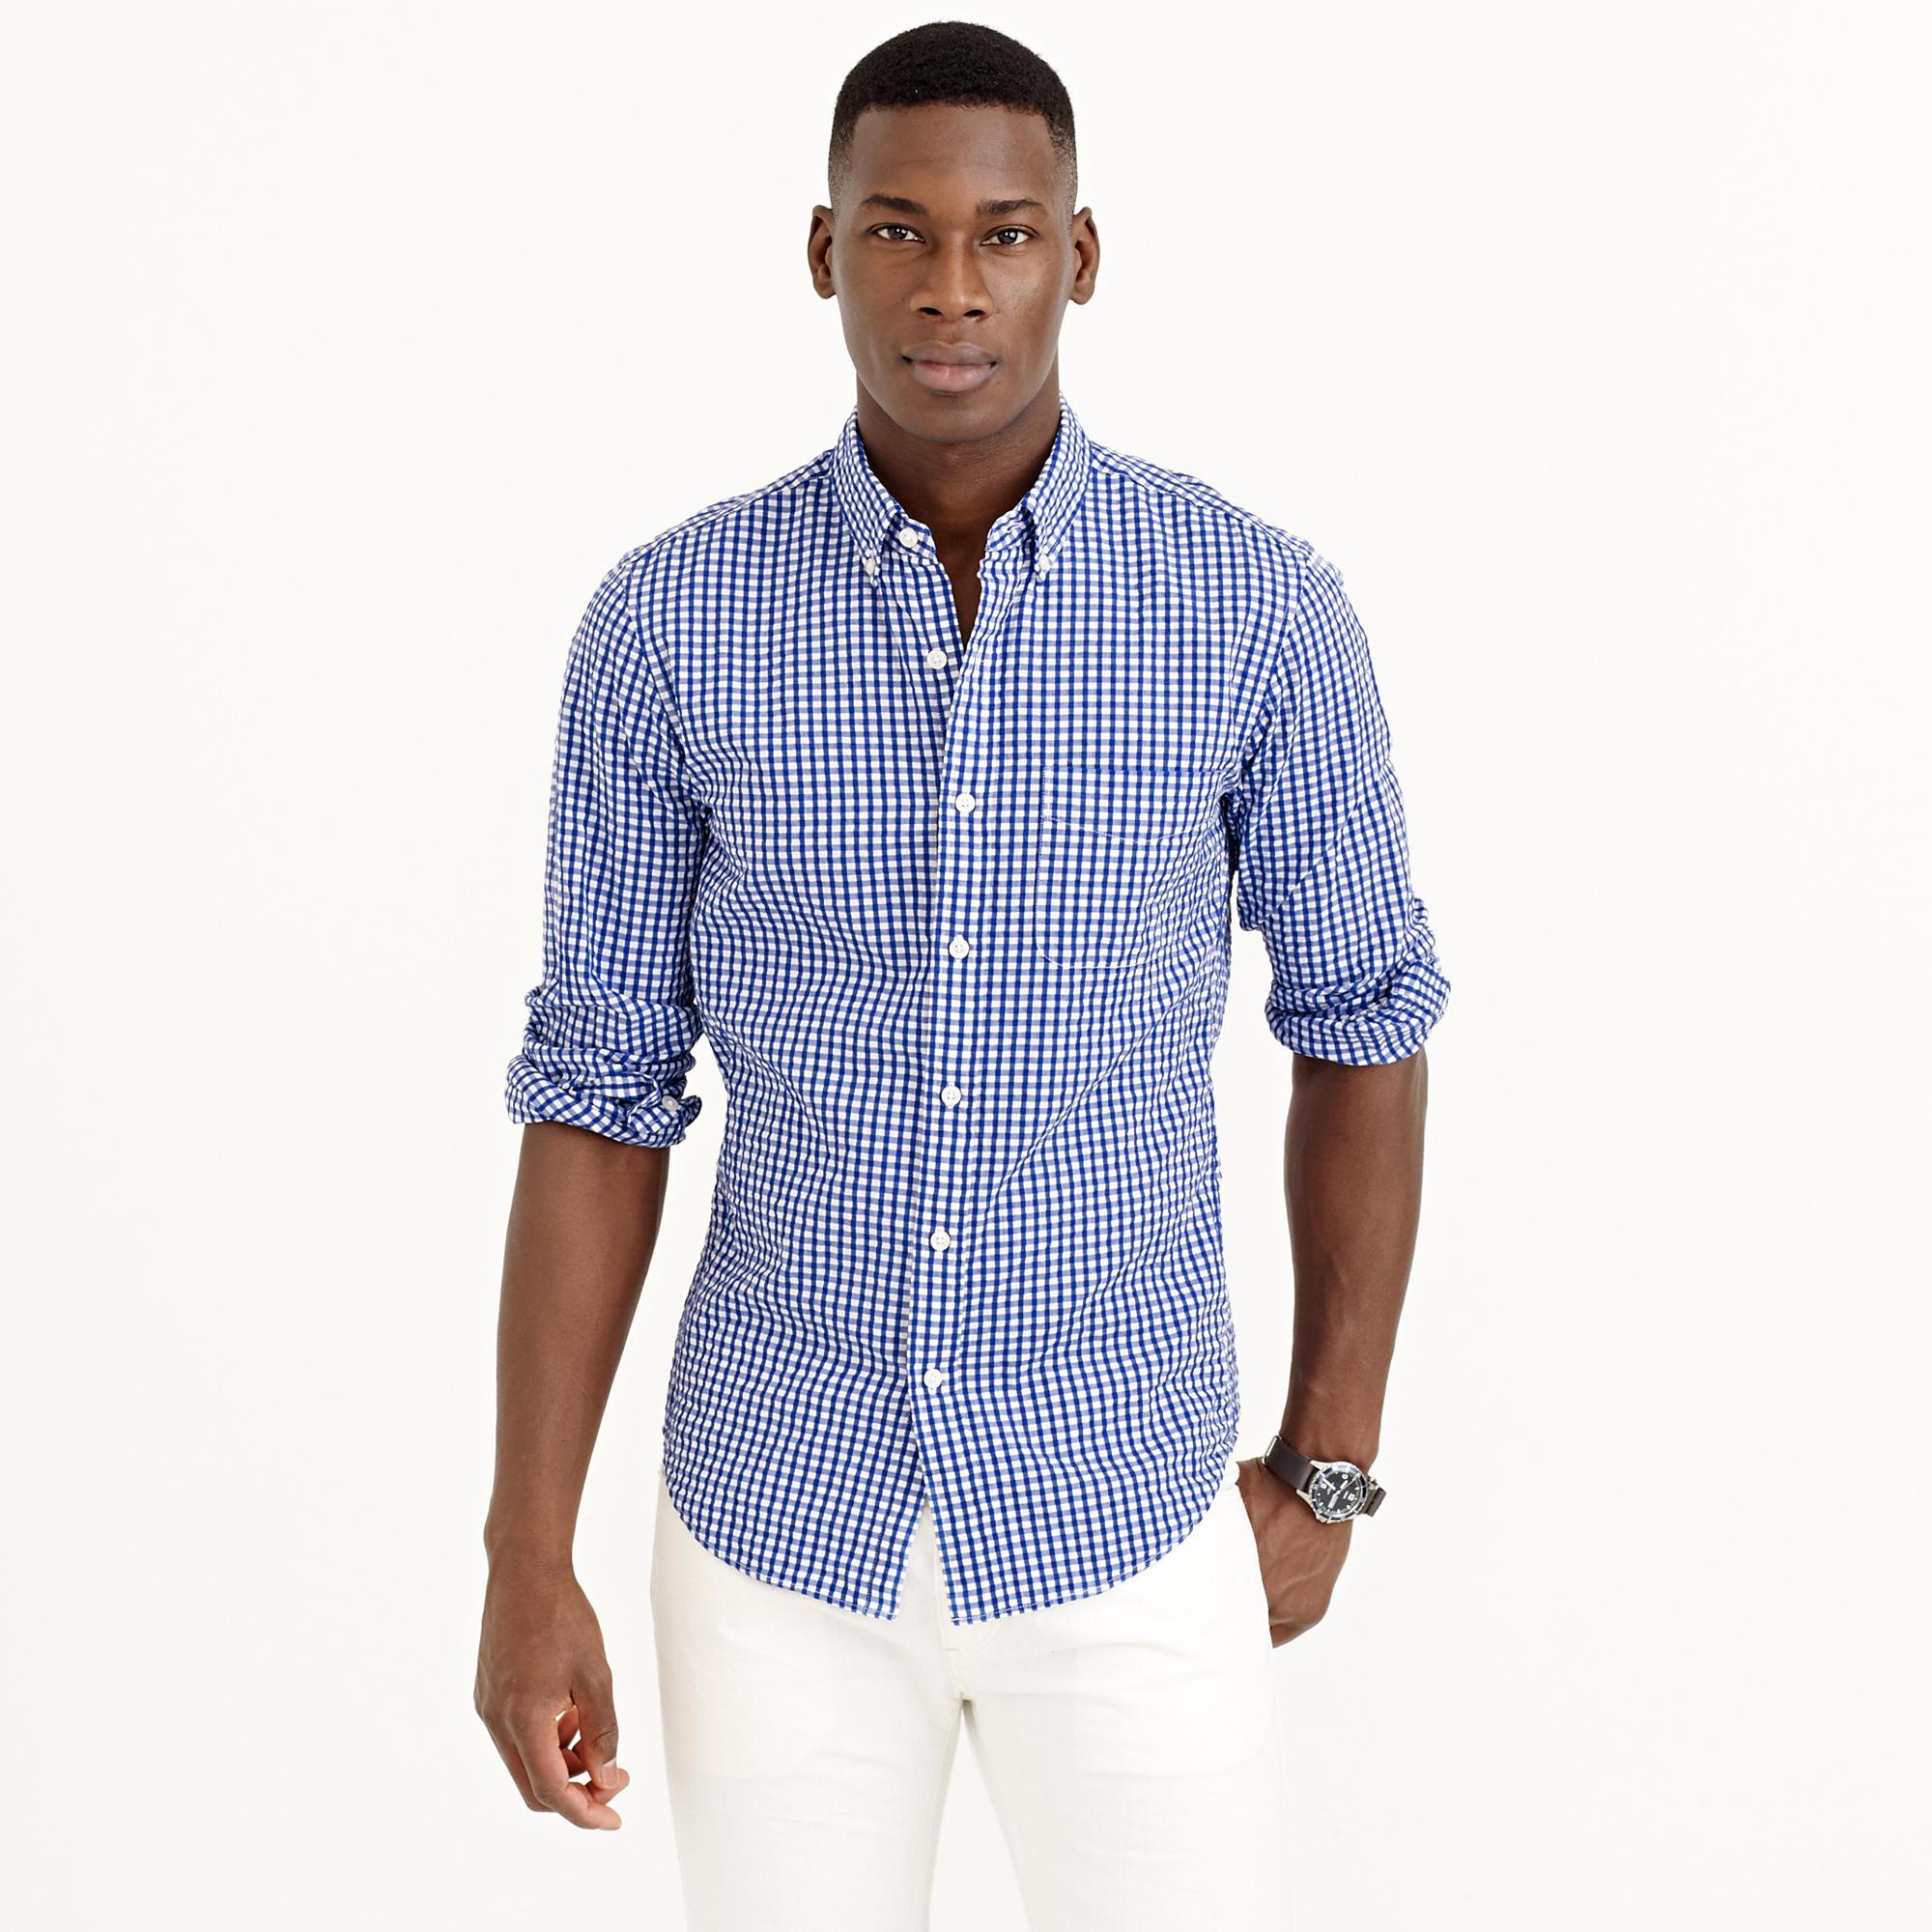 lyst j crew slim seersucker shirt in estate blue gingham in blue for men. Black Bedroom Furniture Sets. Home Design Ideas